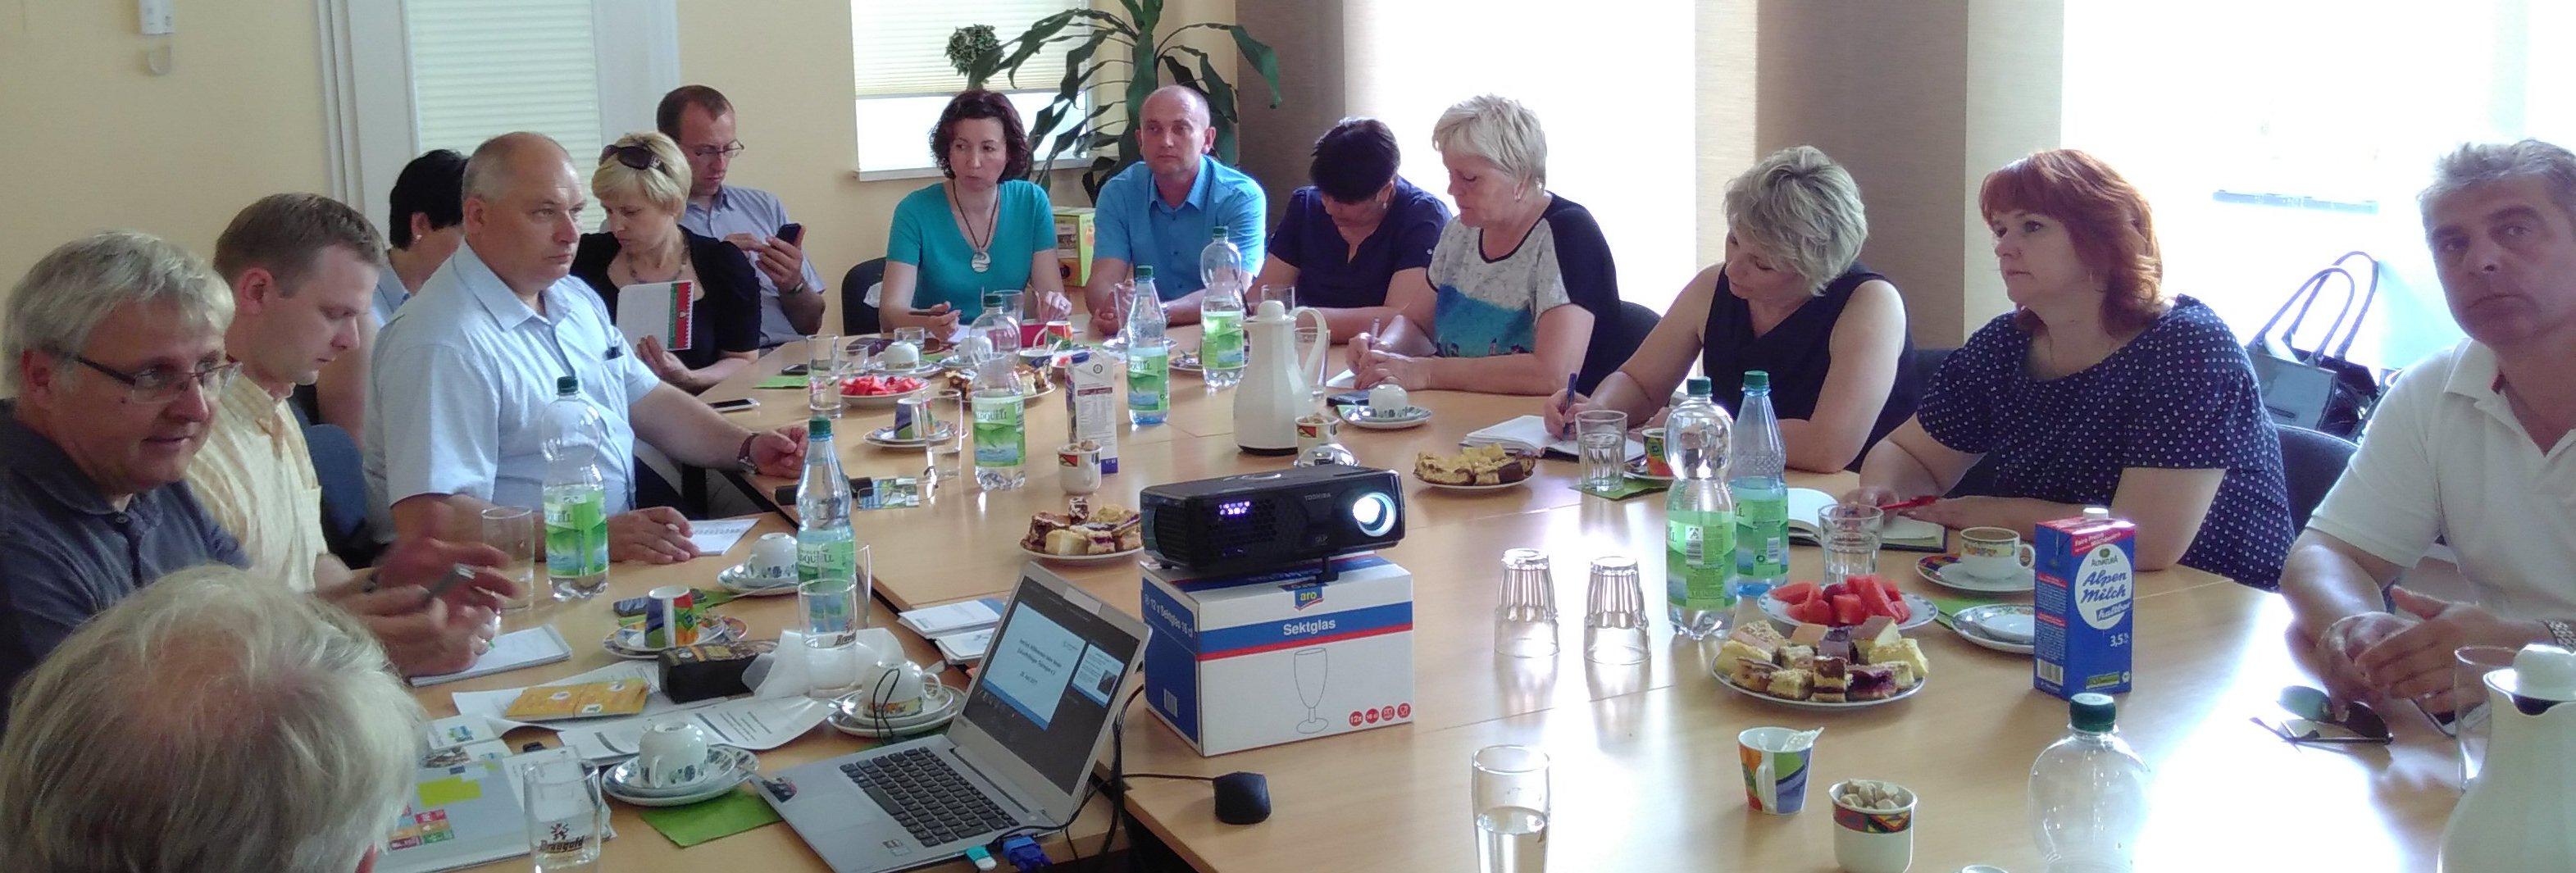 Dieses Foto zeigt die Delegation aus Belarus bei ihrem Besuch beim Verein Zukunftsfähiges Thüringen e.V.